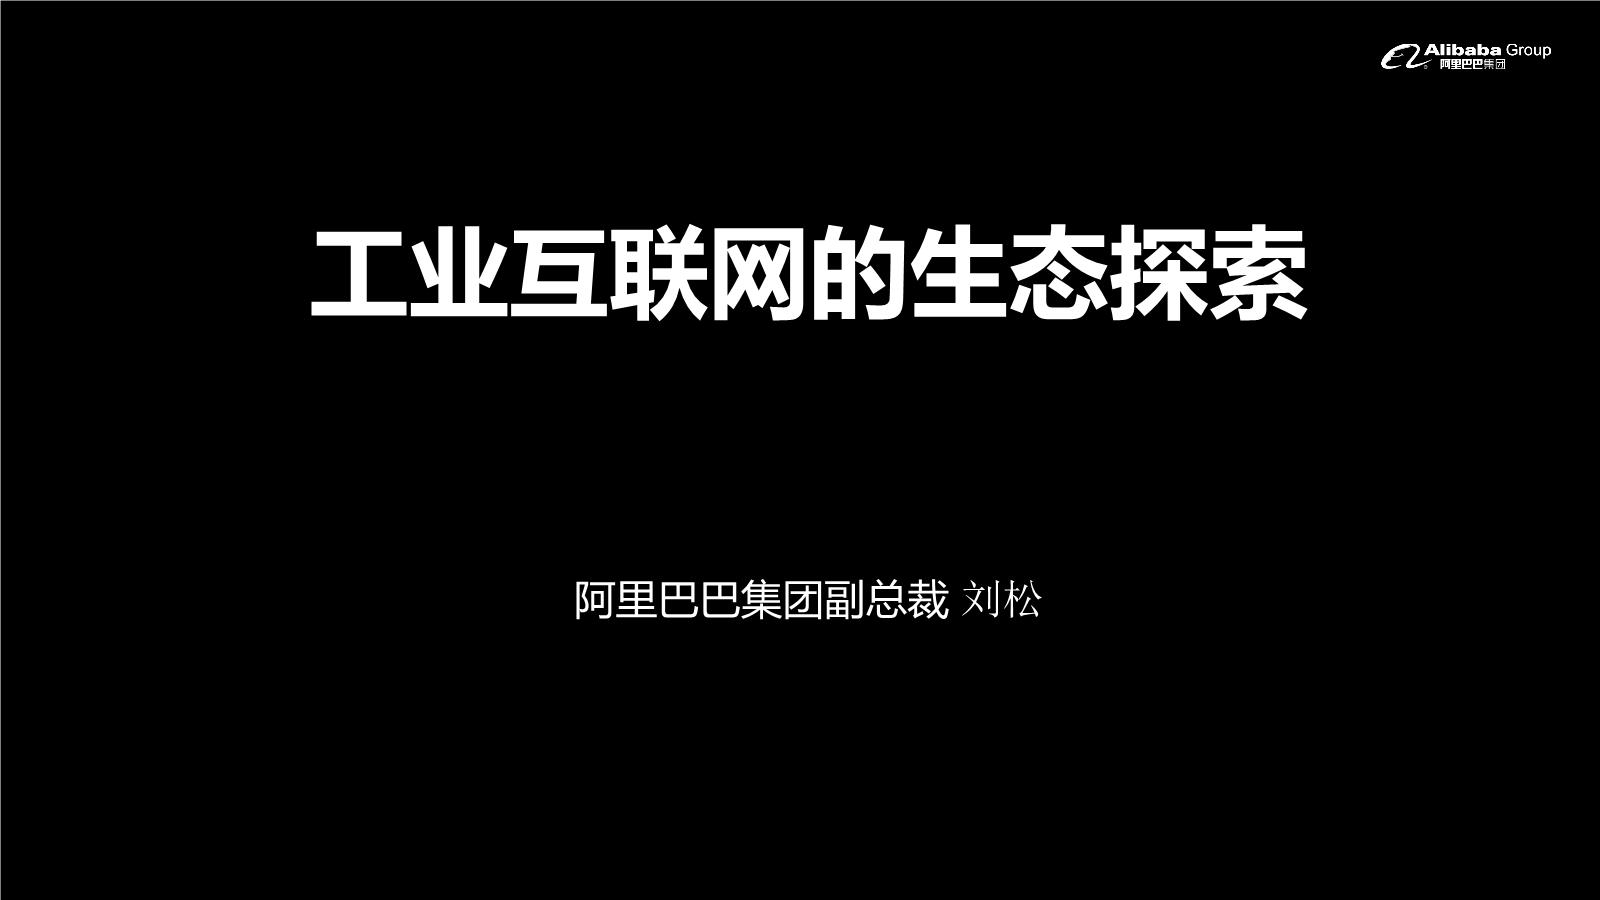 刘松-工业互联网的生态探索